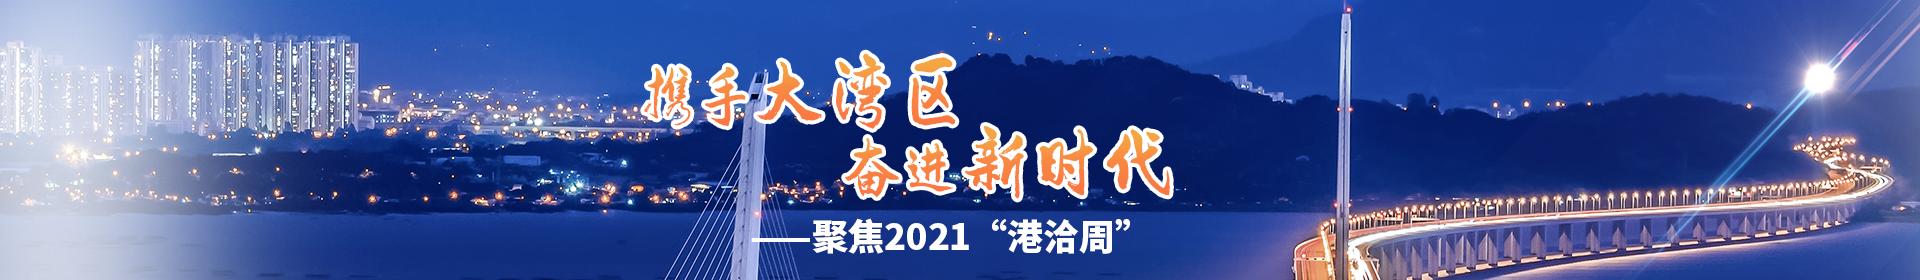 """携手大湾区 奋进新时代——聚焦2021""""港洽周"""""""